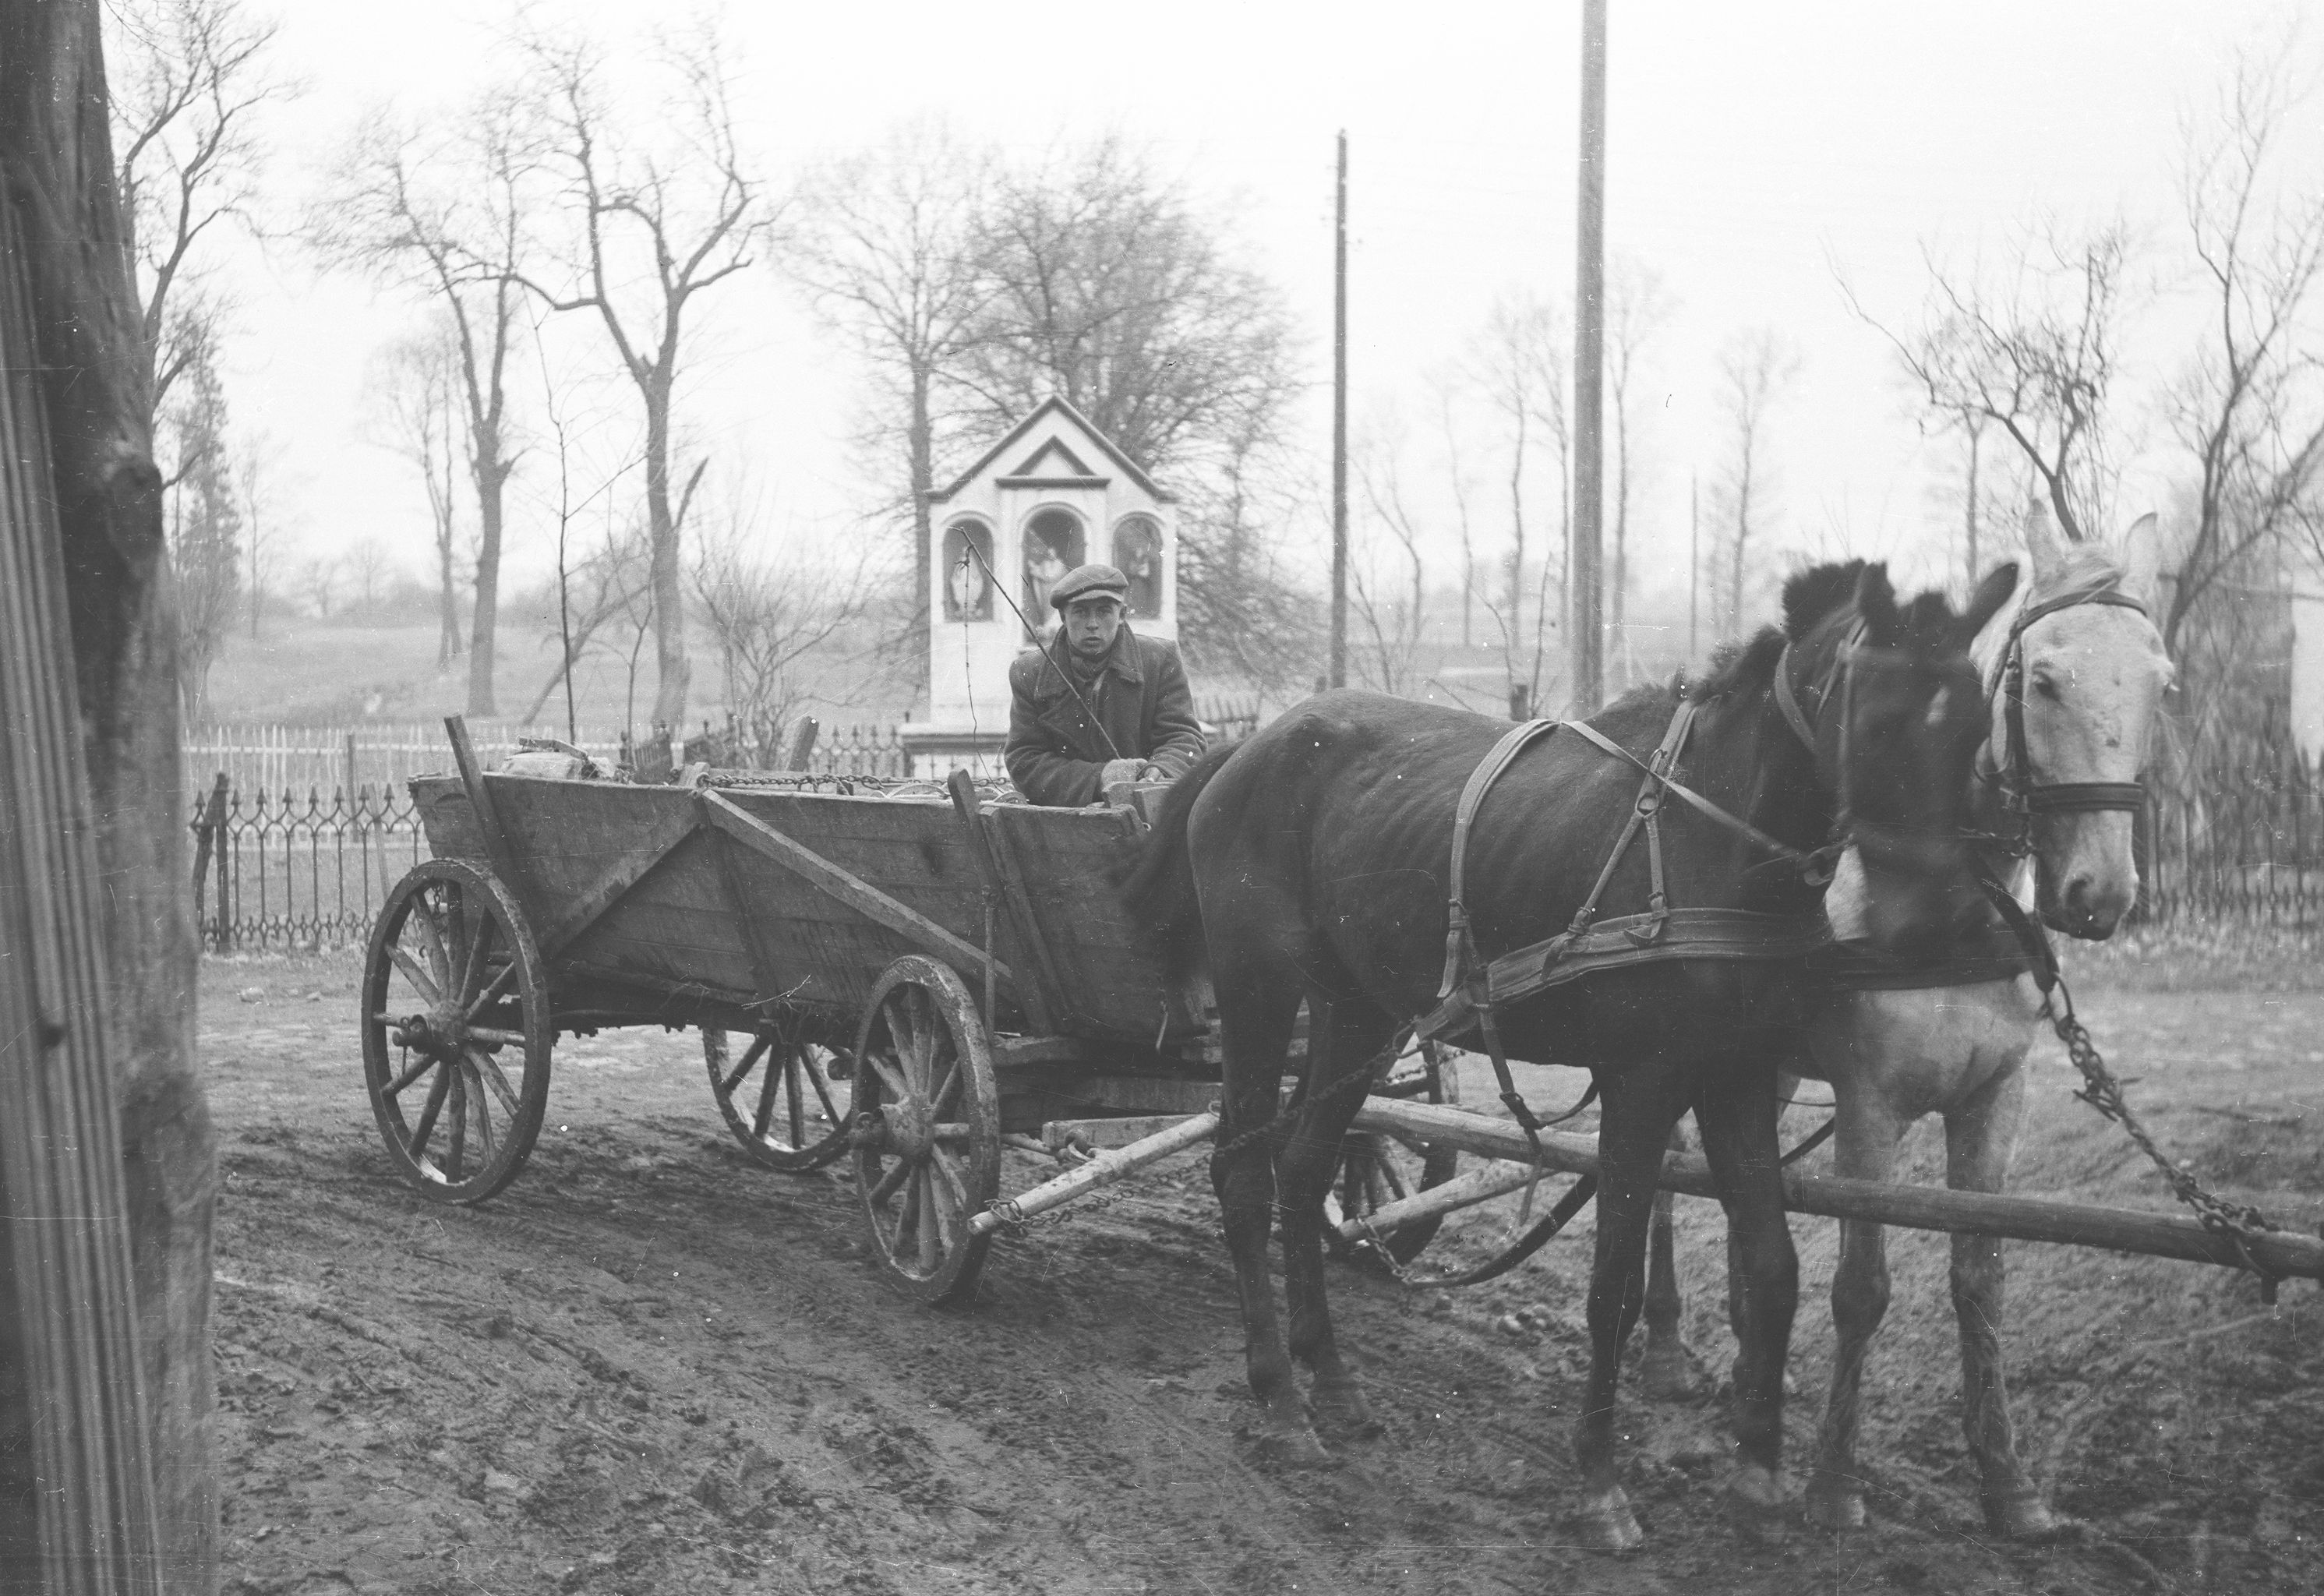 W bramie wjazdowej do PGR-u, Brzózka, Dolny Śląsk, lata 50. XX w.